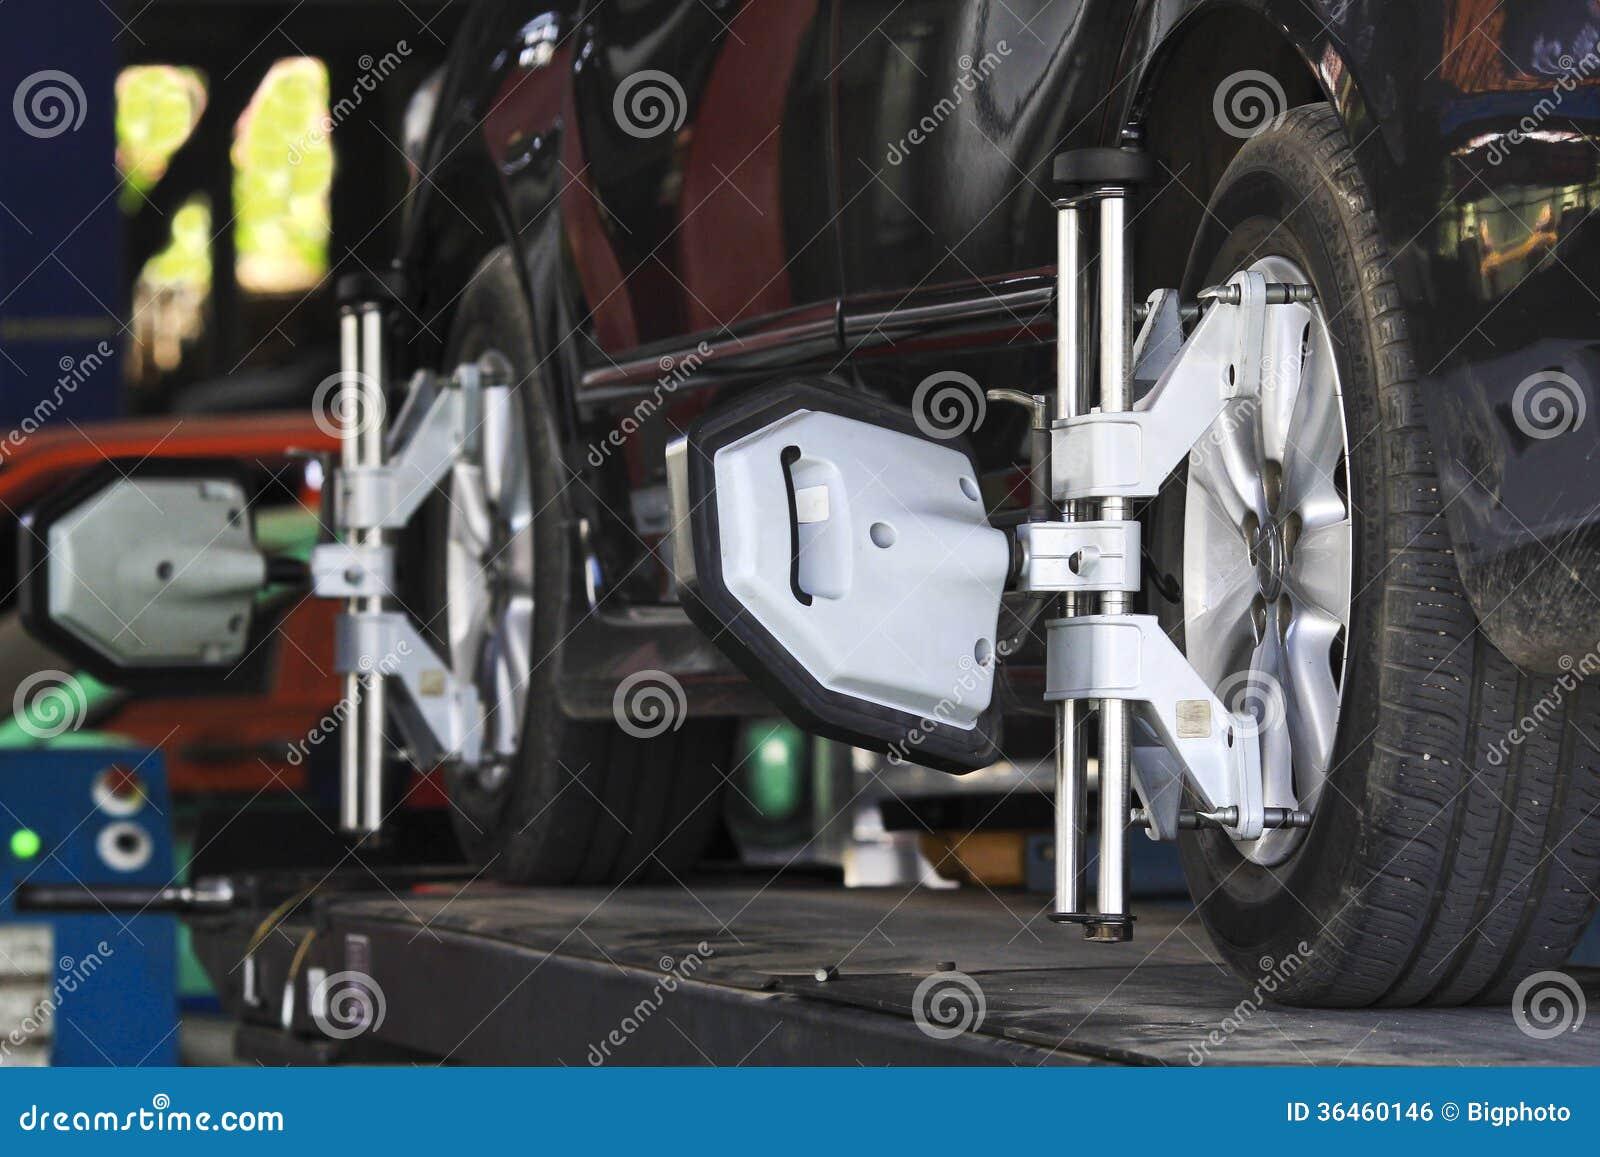 Колесо автомобиля зафиксированное с компьютеризированной струбциной машины выравнивания колеса